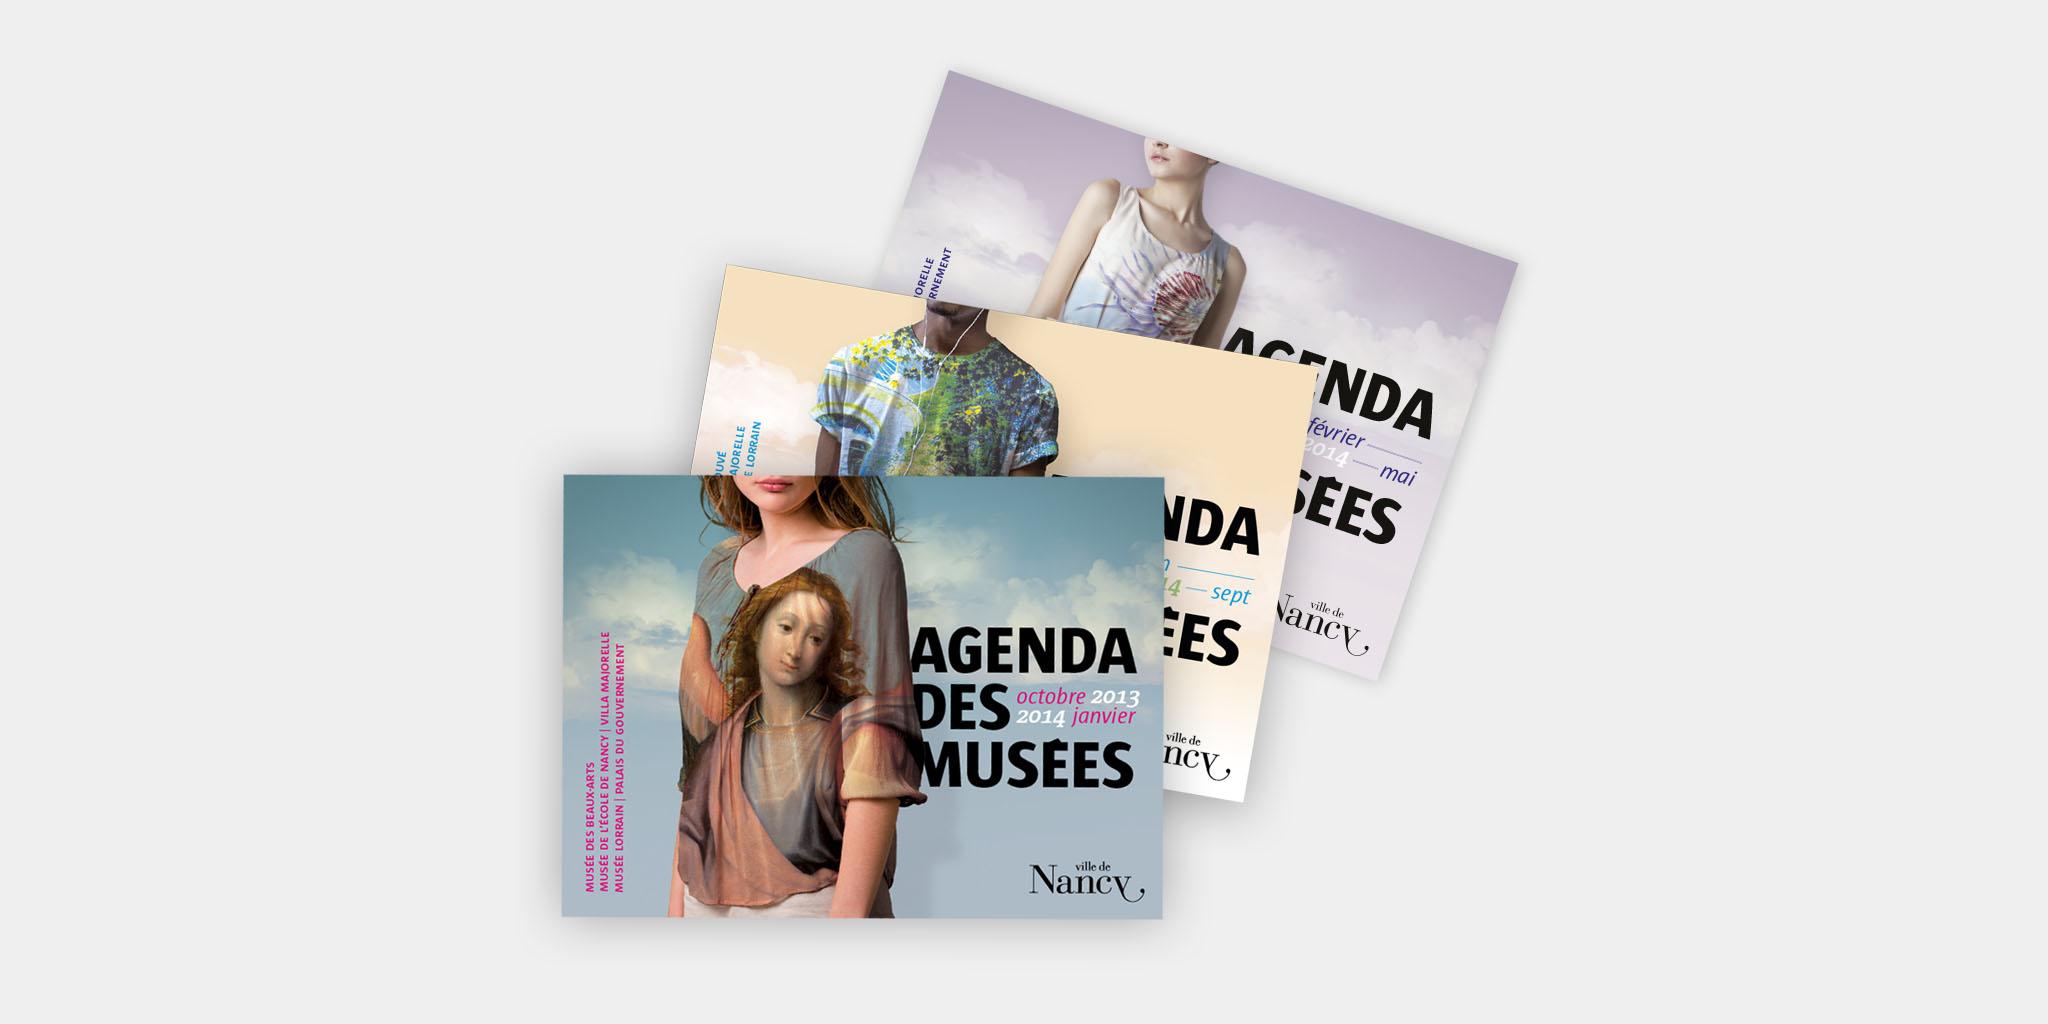 BUNDS0_AGENDA_DES_MUSEES